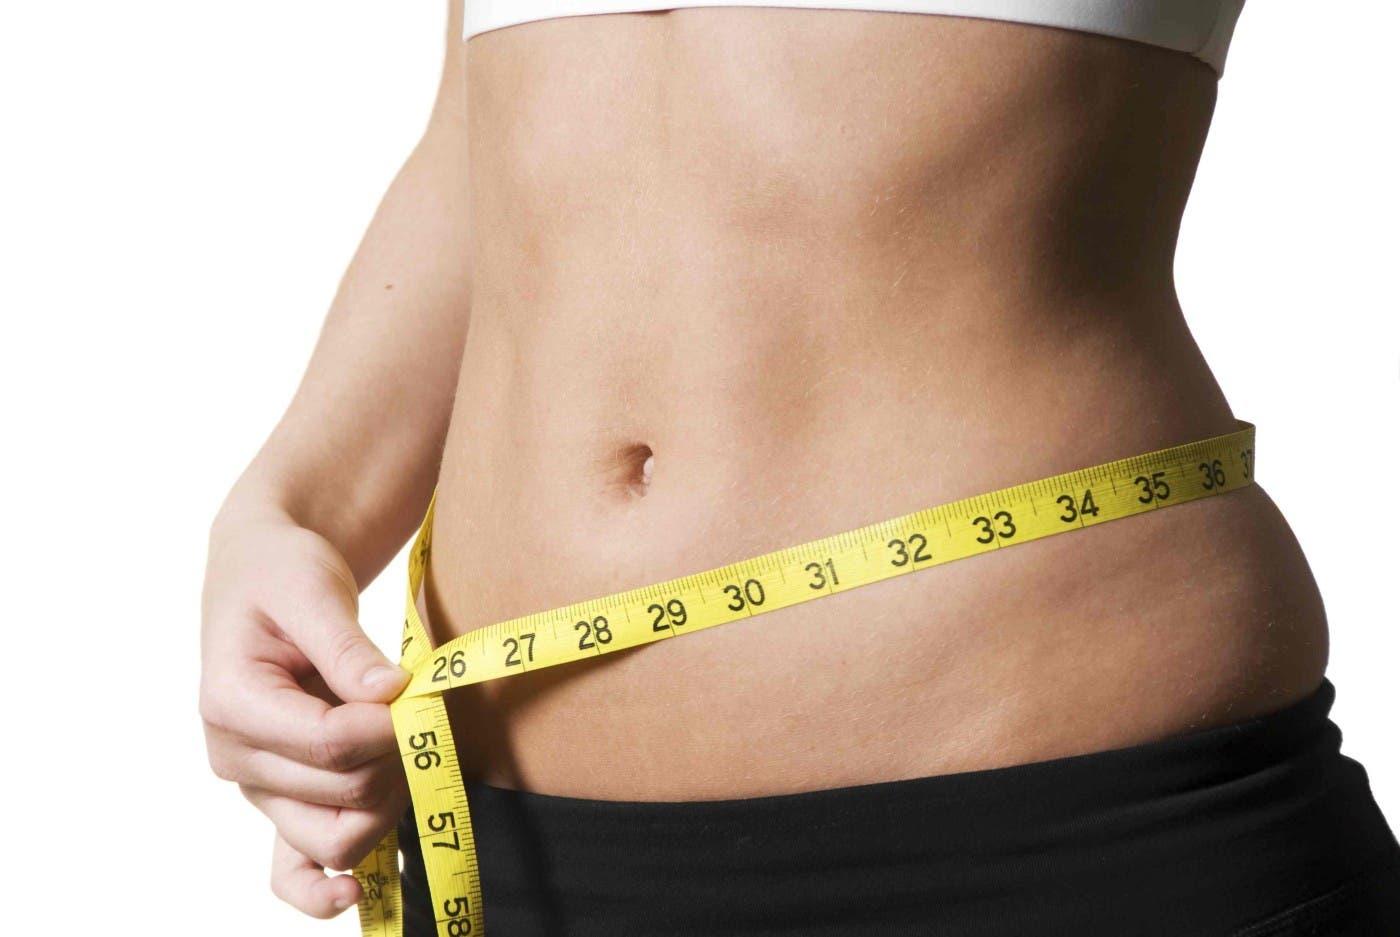 aceite-para-reducir-el-abdomen6